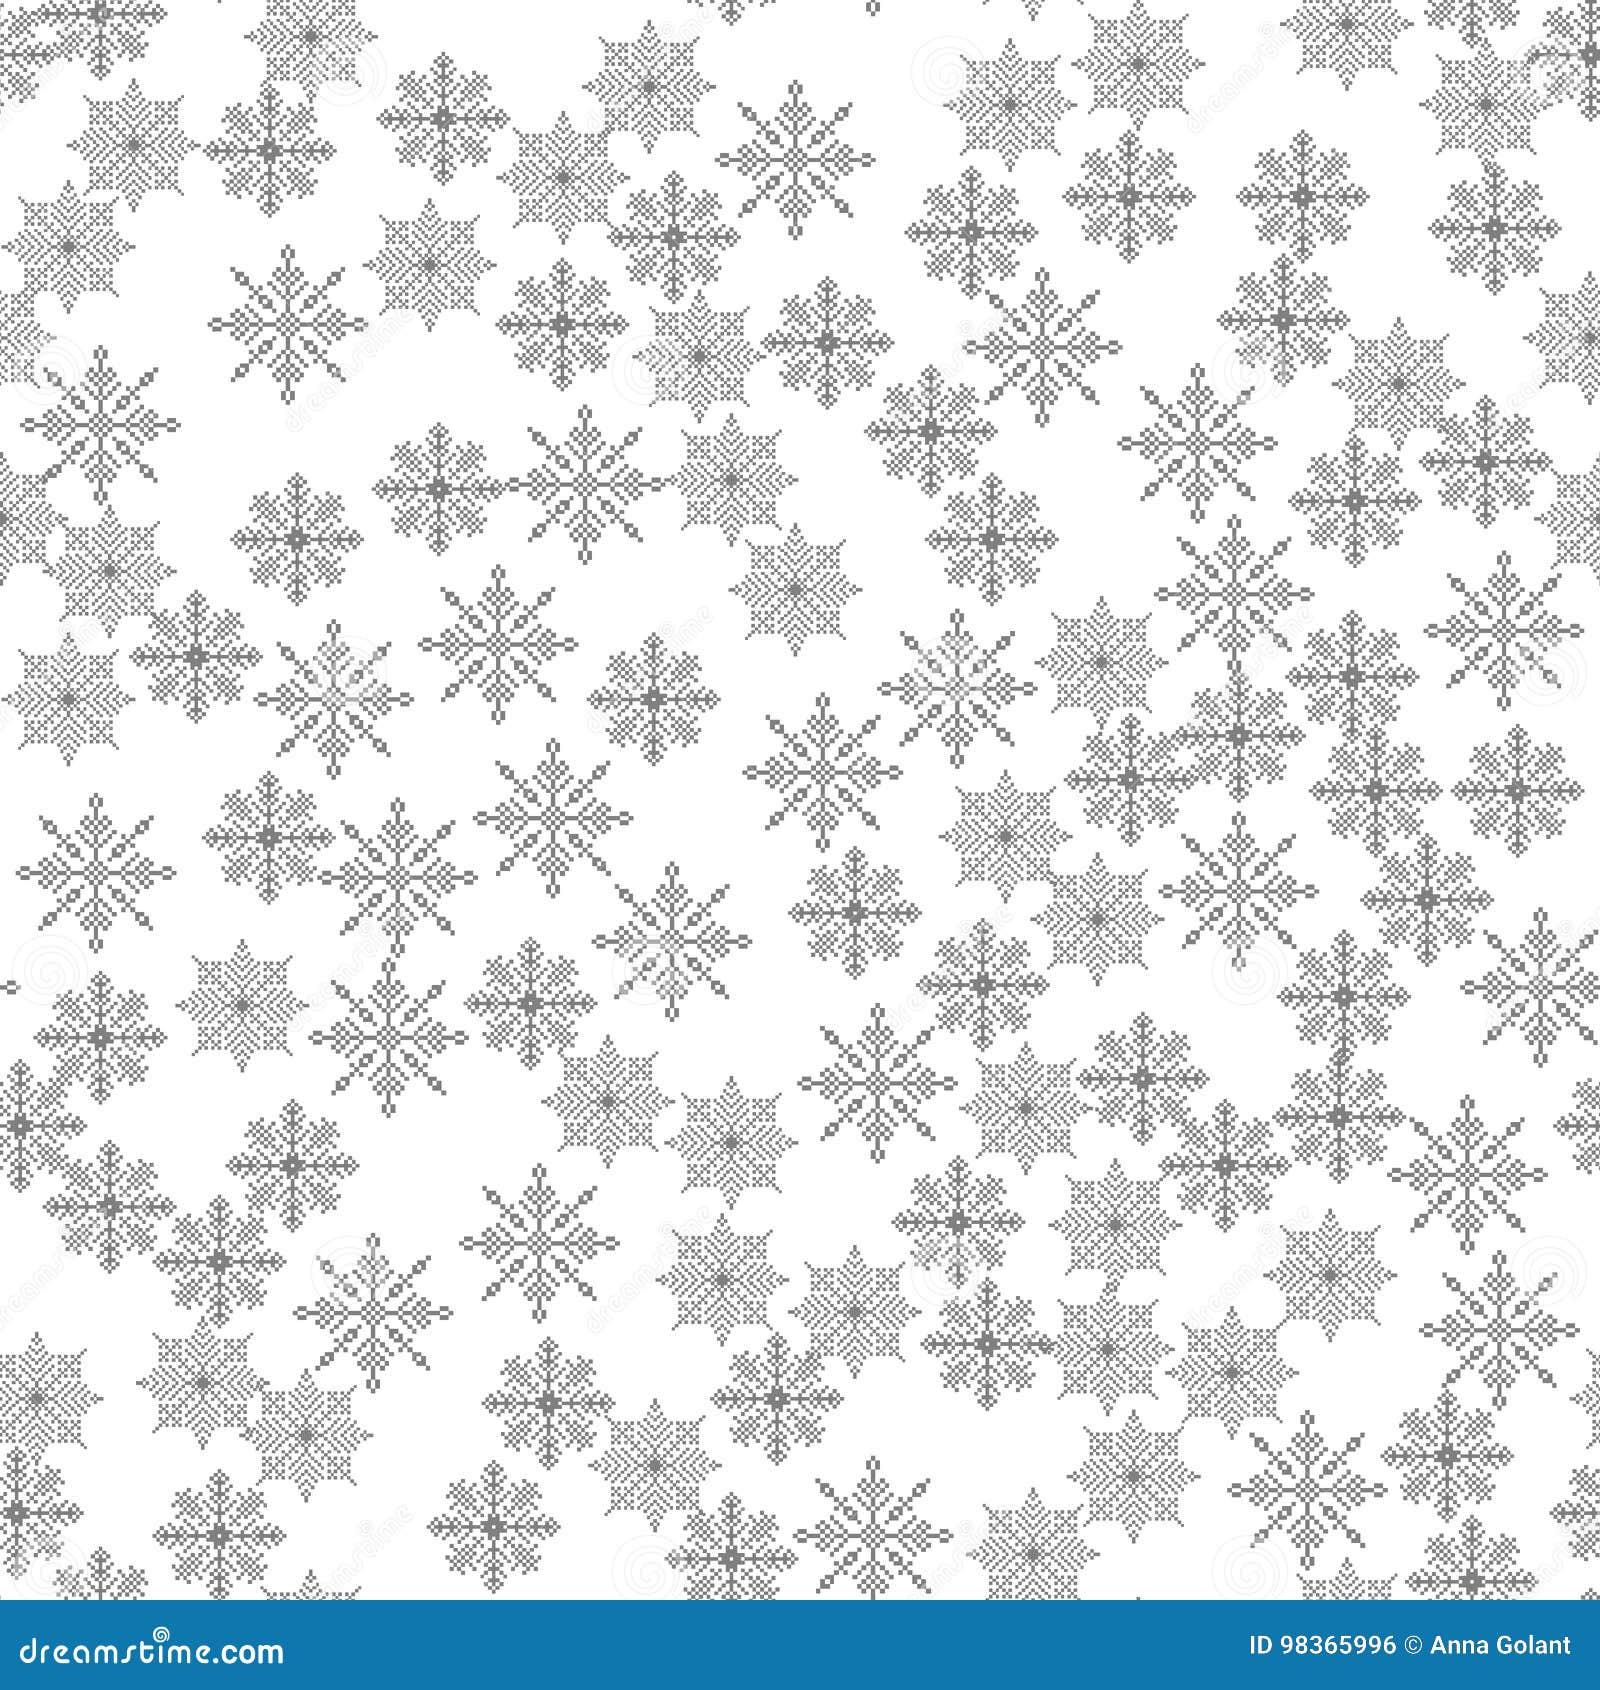 Licht-Weihnachtshintergrund Vektorillustration Muster der Schneeflocke nahtlose das Thema des Winters, neues Jahr, Feiertag